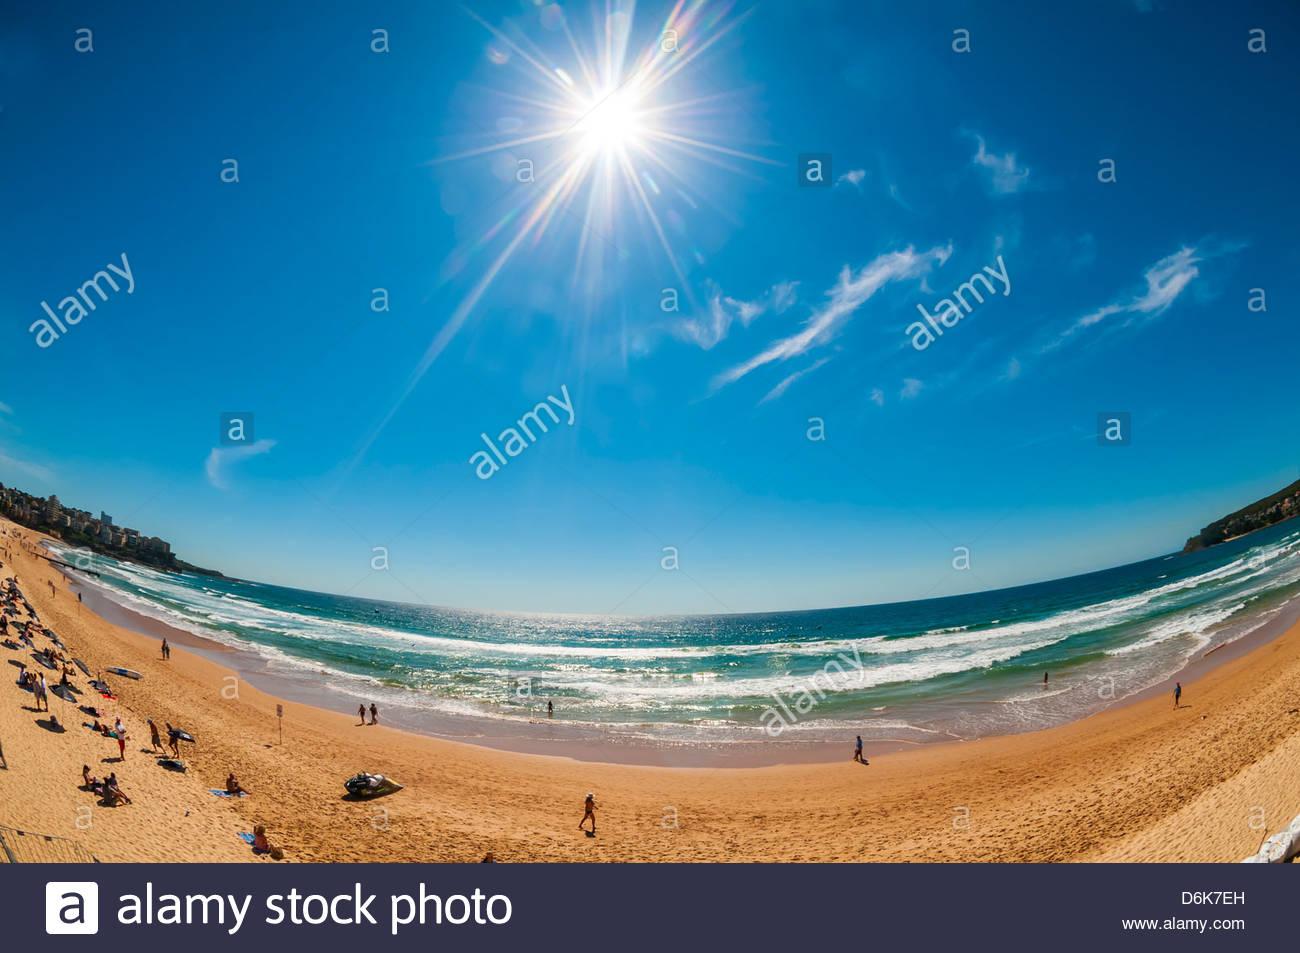 Manly Beach, Sydney, Nuovo Galles del Sud, Australia. Immagini Stock